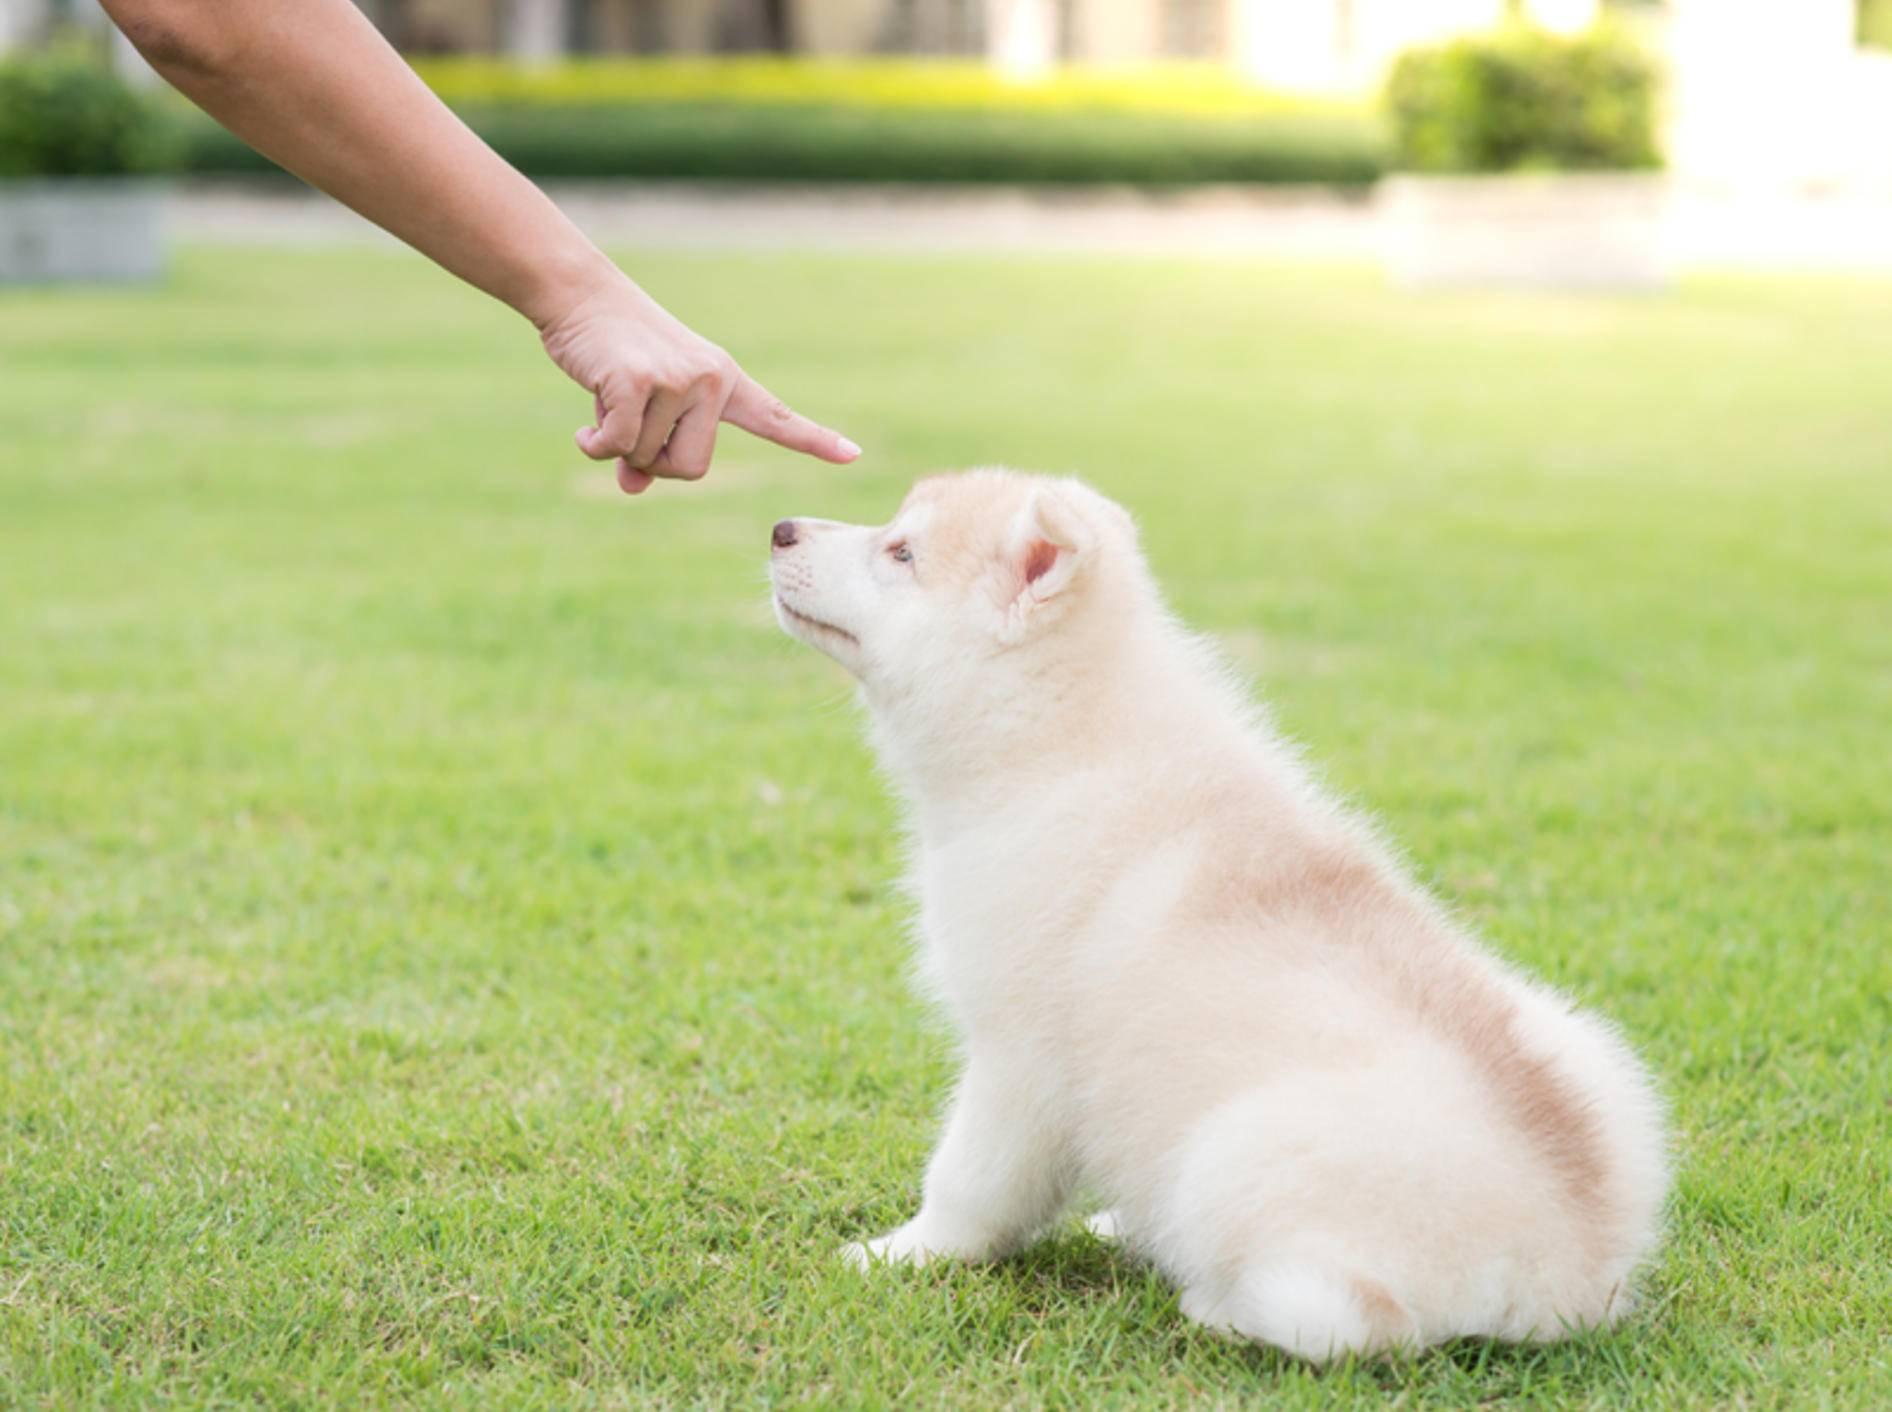 Hunde bestrafen ist nicht leicht, aber manchmal nötig – Shutterstock / ANURAK PONGPATIMET